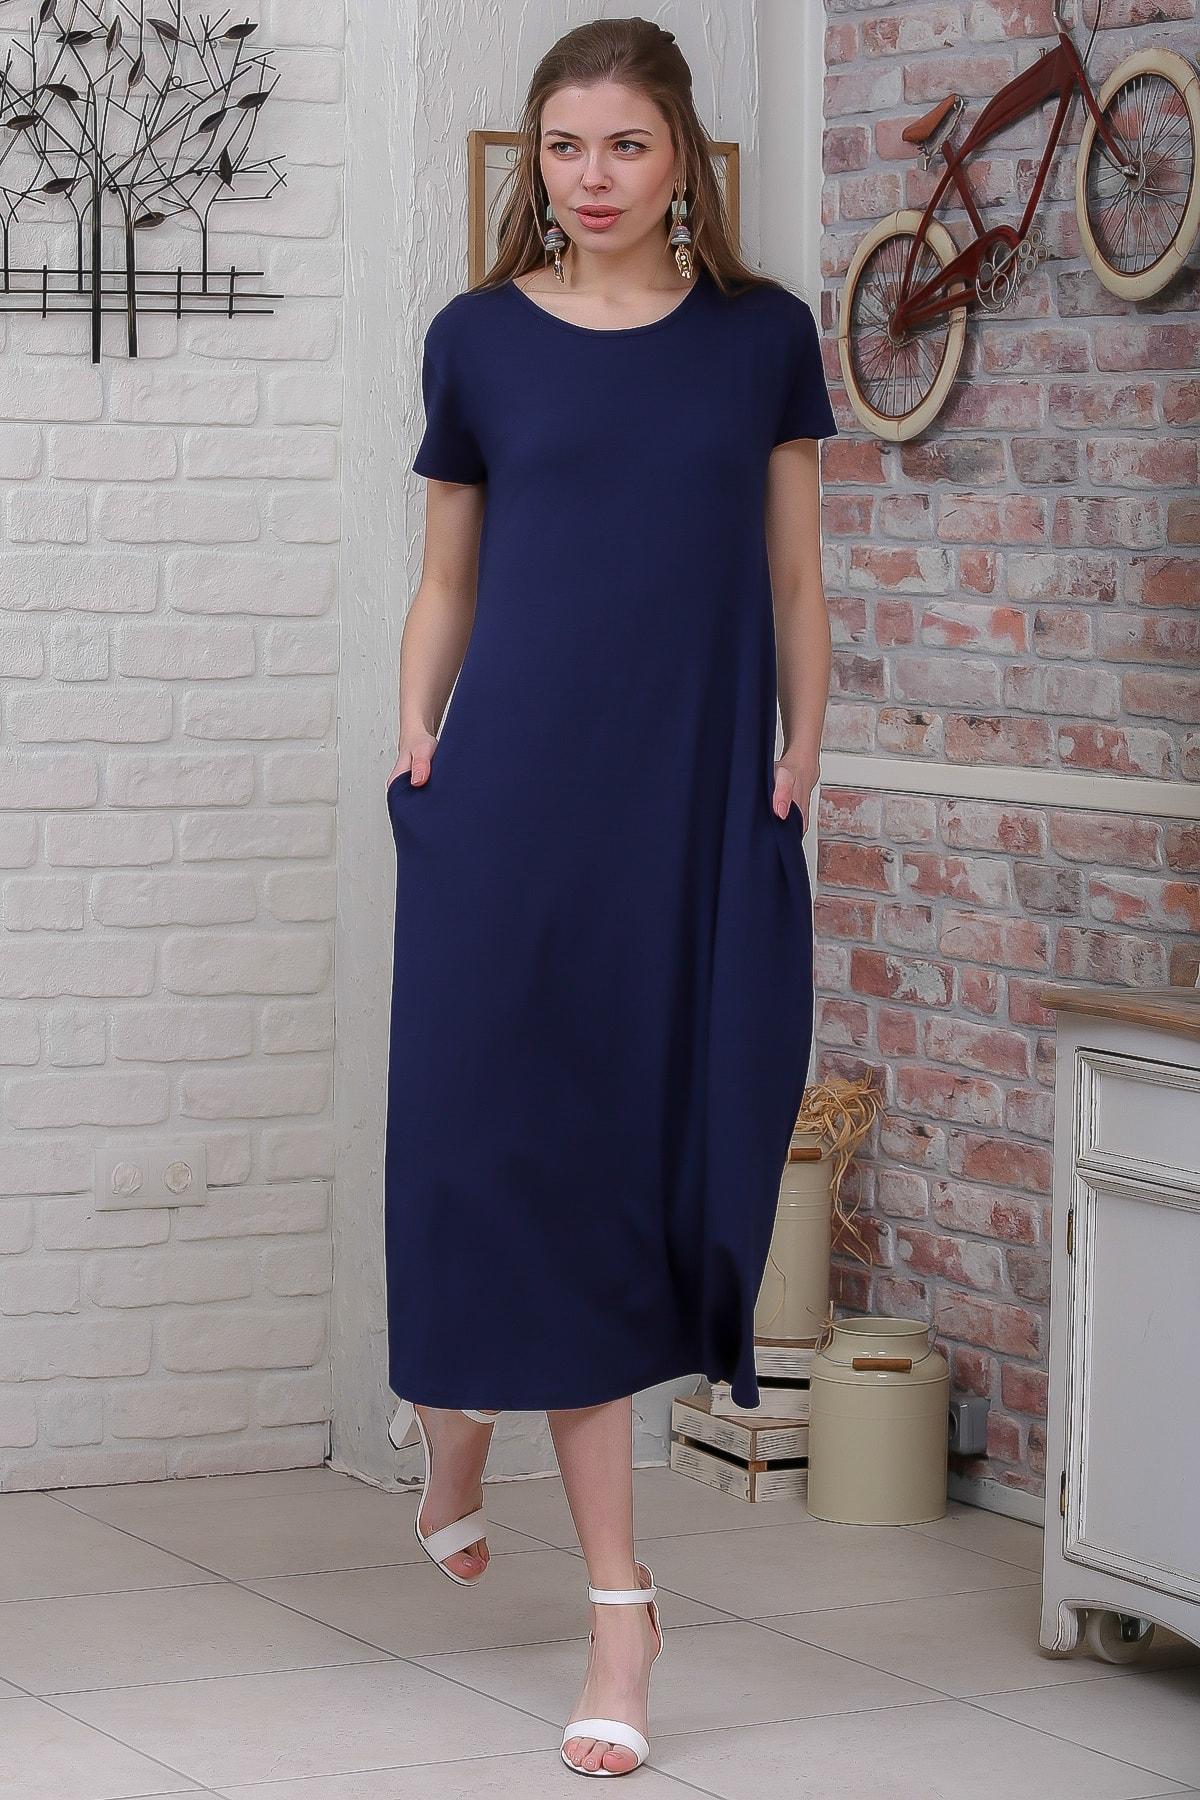 Chiccy Kadın Lacivert Sıfır Yaka Kısa Kollu Gizli Cepli Salaş Elbise M10160000EL95531 2